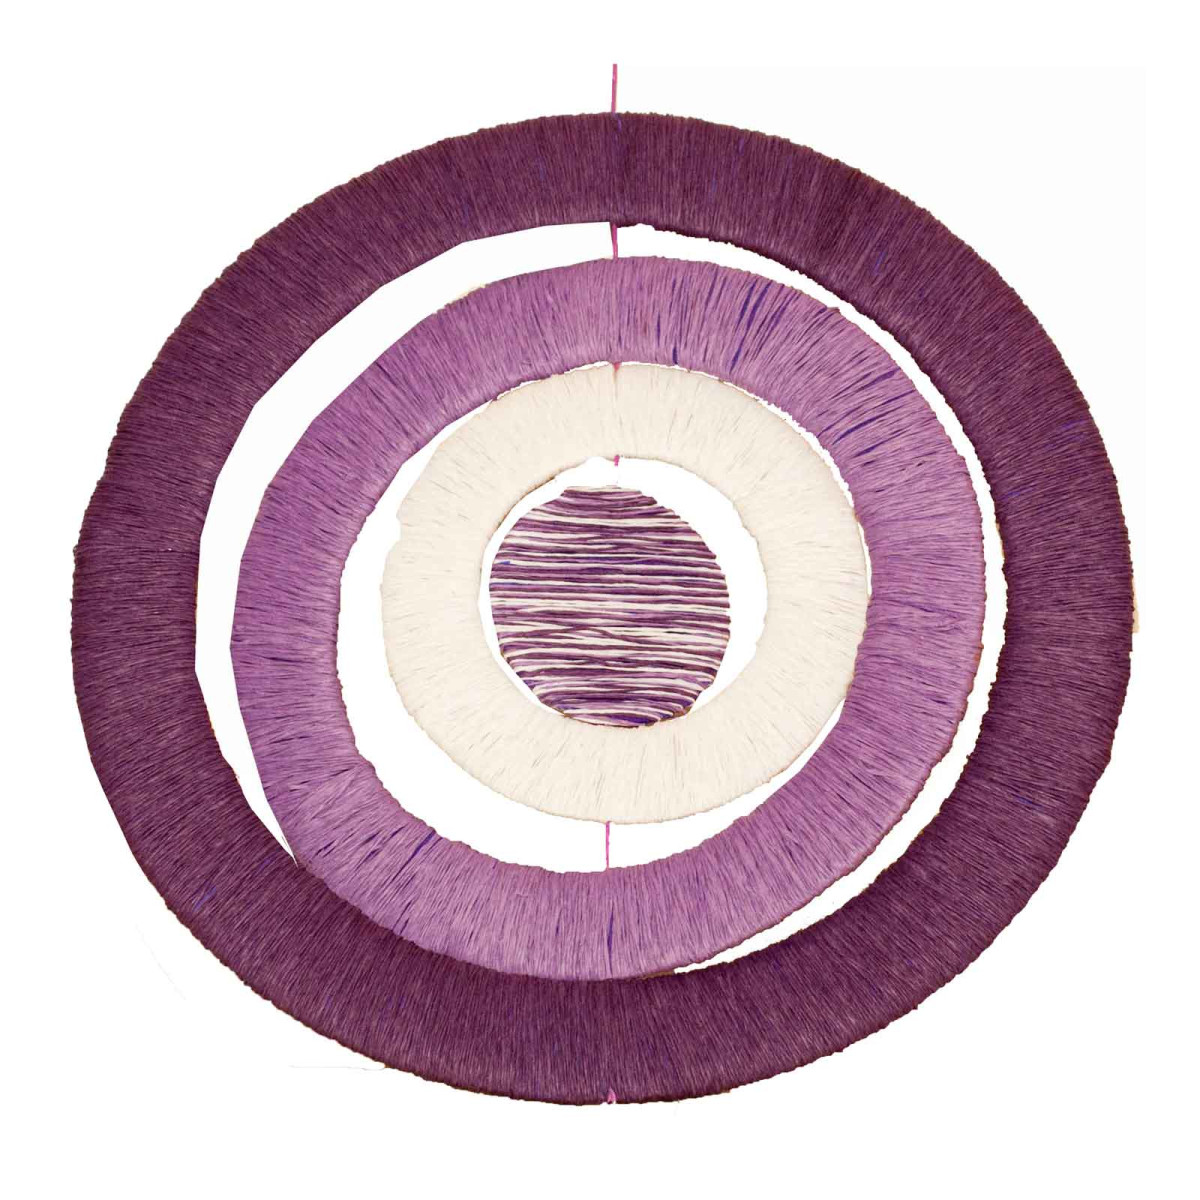 fenster deko mobile papierkordel lavendel f r ostern. Black Bedroom Furniture Sets. Home Design Ideas